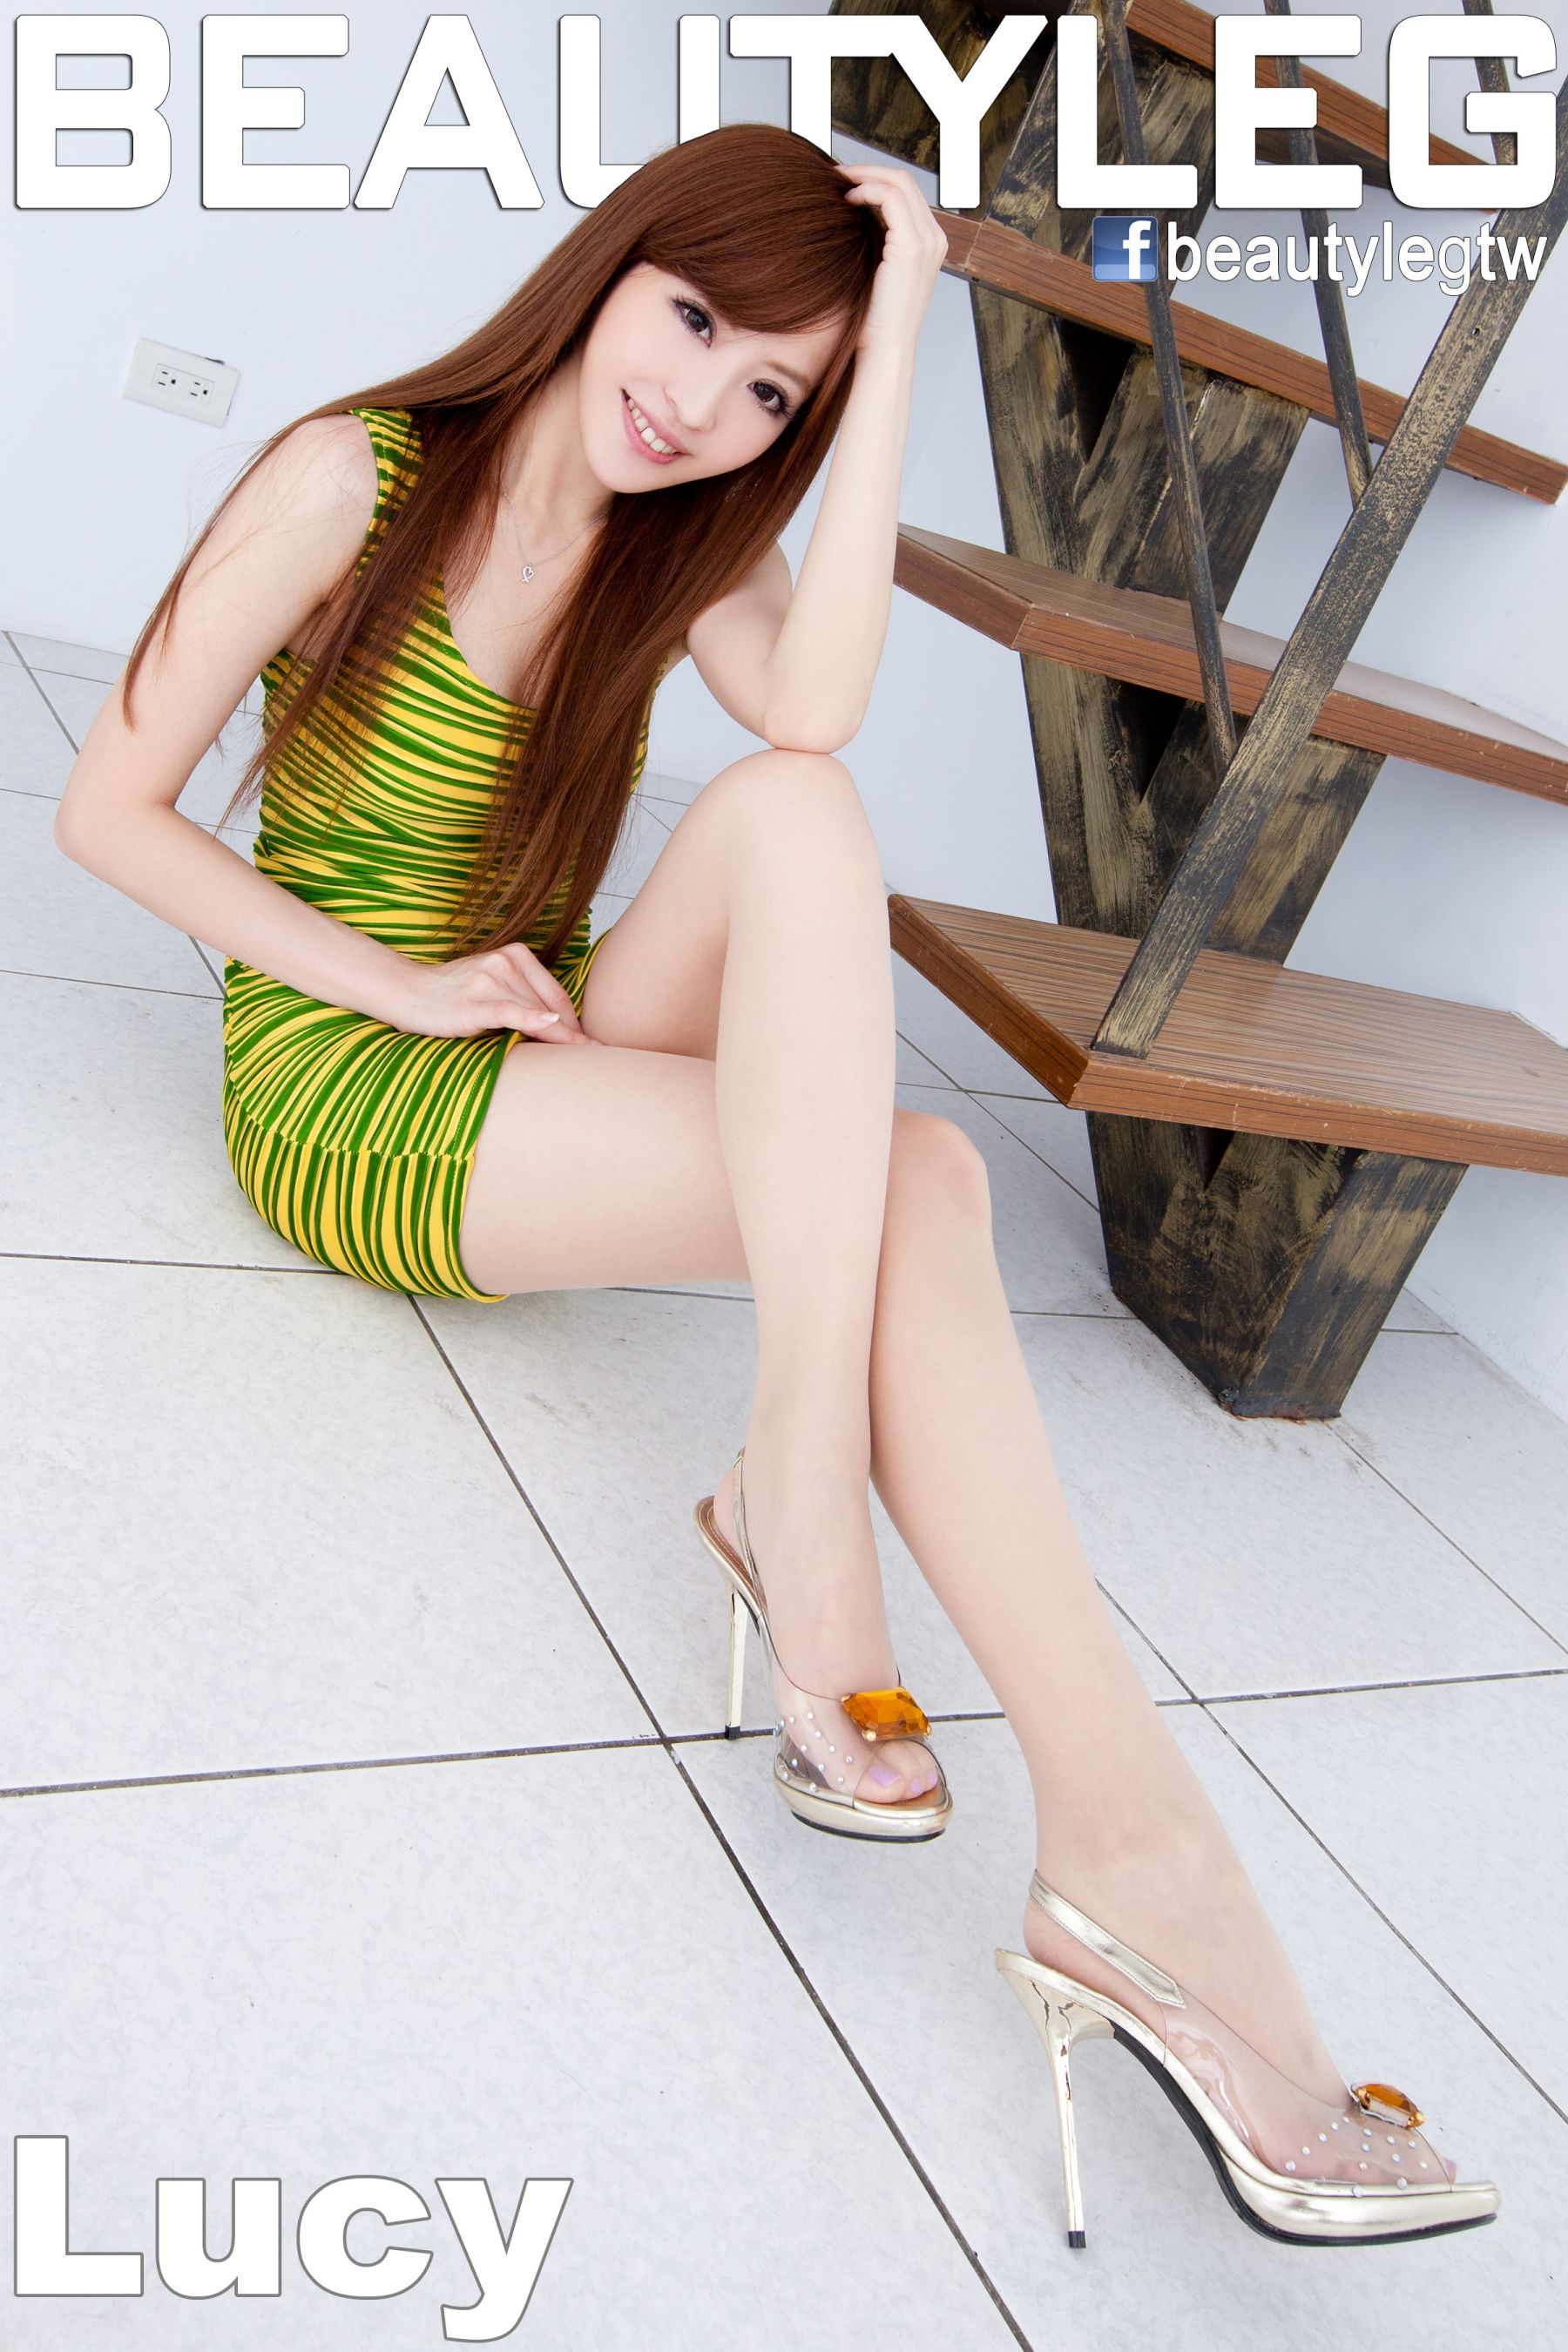 VOL.716 [Beautyleg]甜美包臀裙美女长腿美女:倪千凌(腿模Lucy,陈佳筠)高品质写真套图(62P)